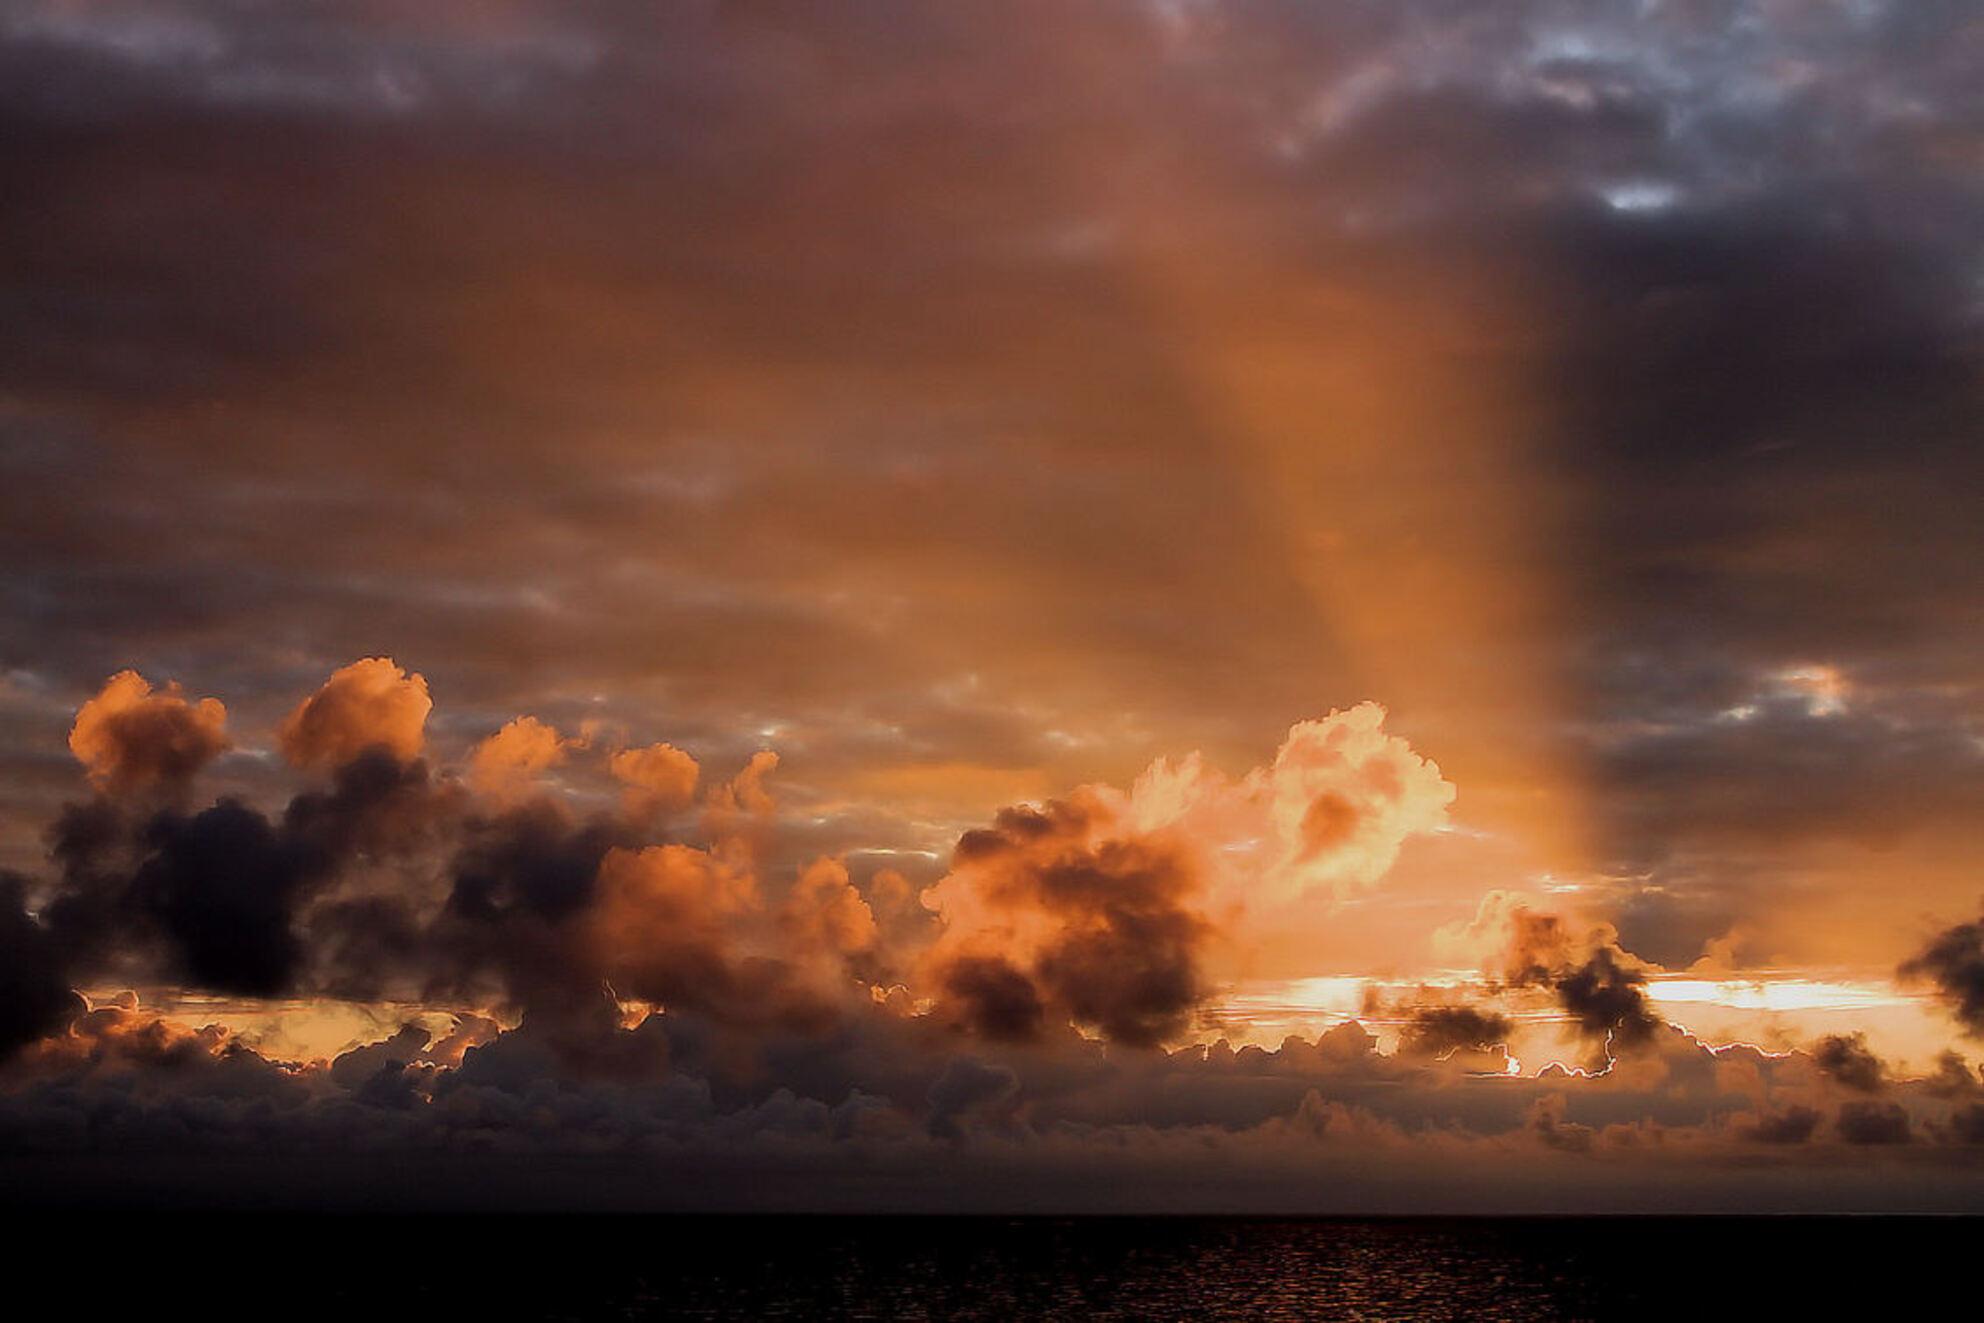 Sunset at Sea.... - Op de ferry naar Newcastle..... - foto door rondevries_zoom op 19-09-2011 - deze foto bevat: sunset - Deze foto mag gebruikt worden in een Zoom.nl publicatie